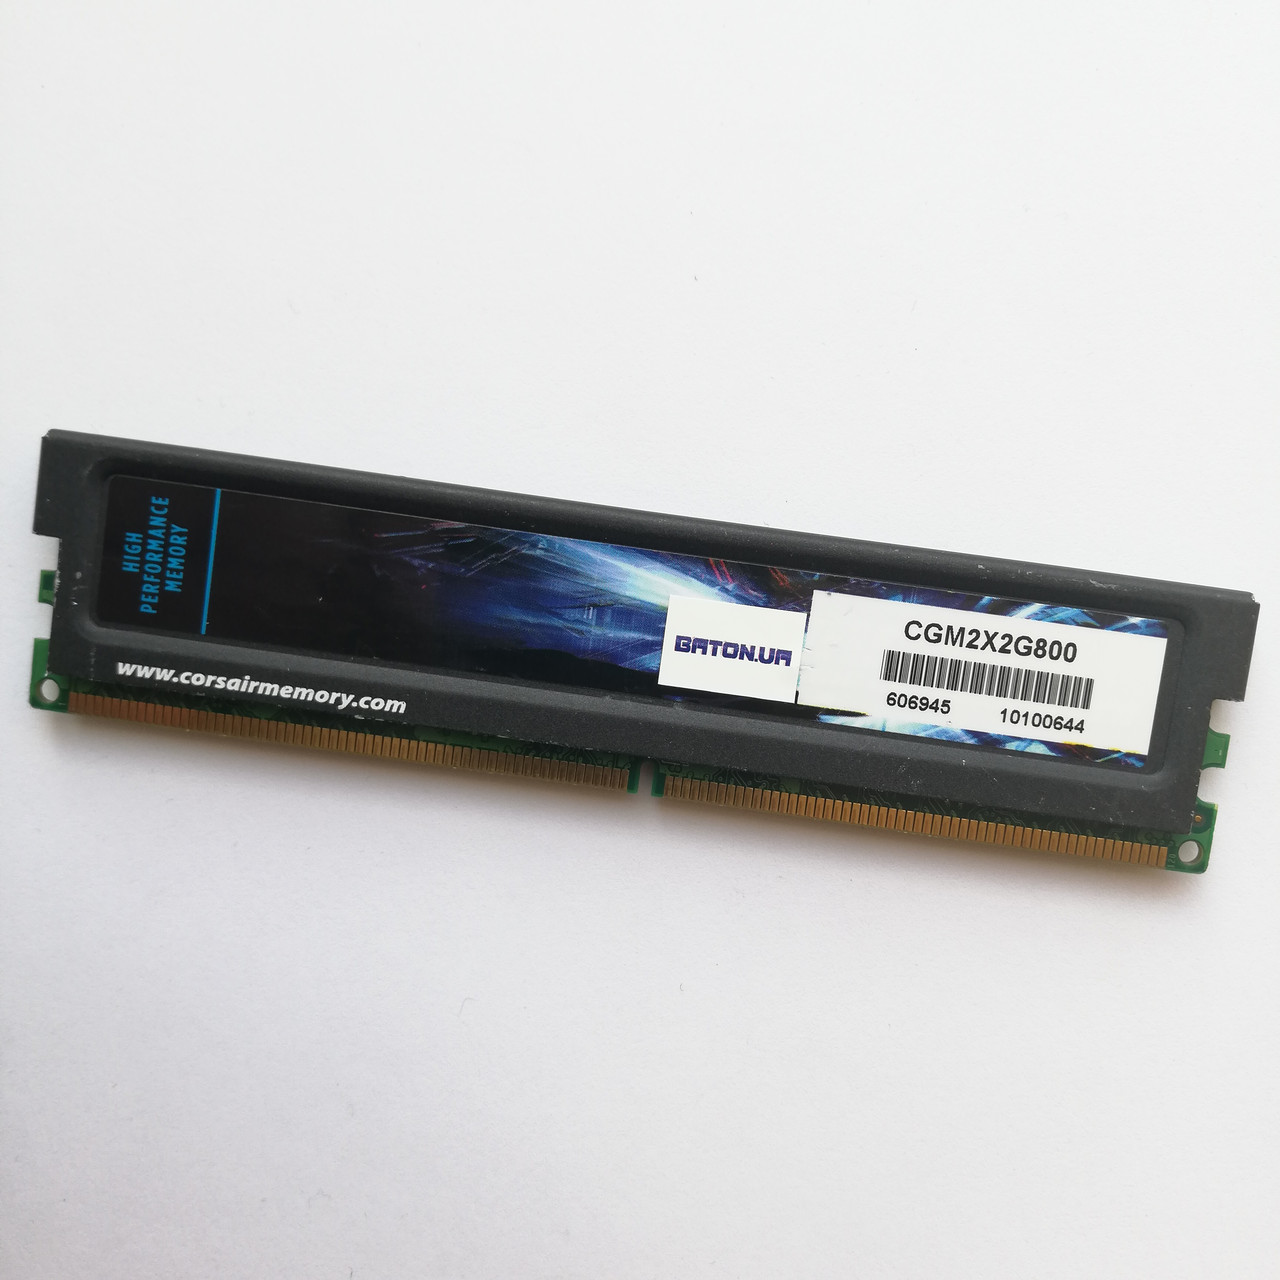 Игровая оперативная память Corsair DDR2 2Gb 800MHz PC2 6400U CL5 (CGM2X2G800) Б/У